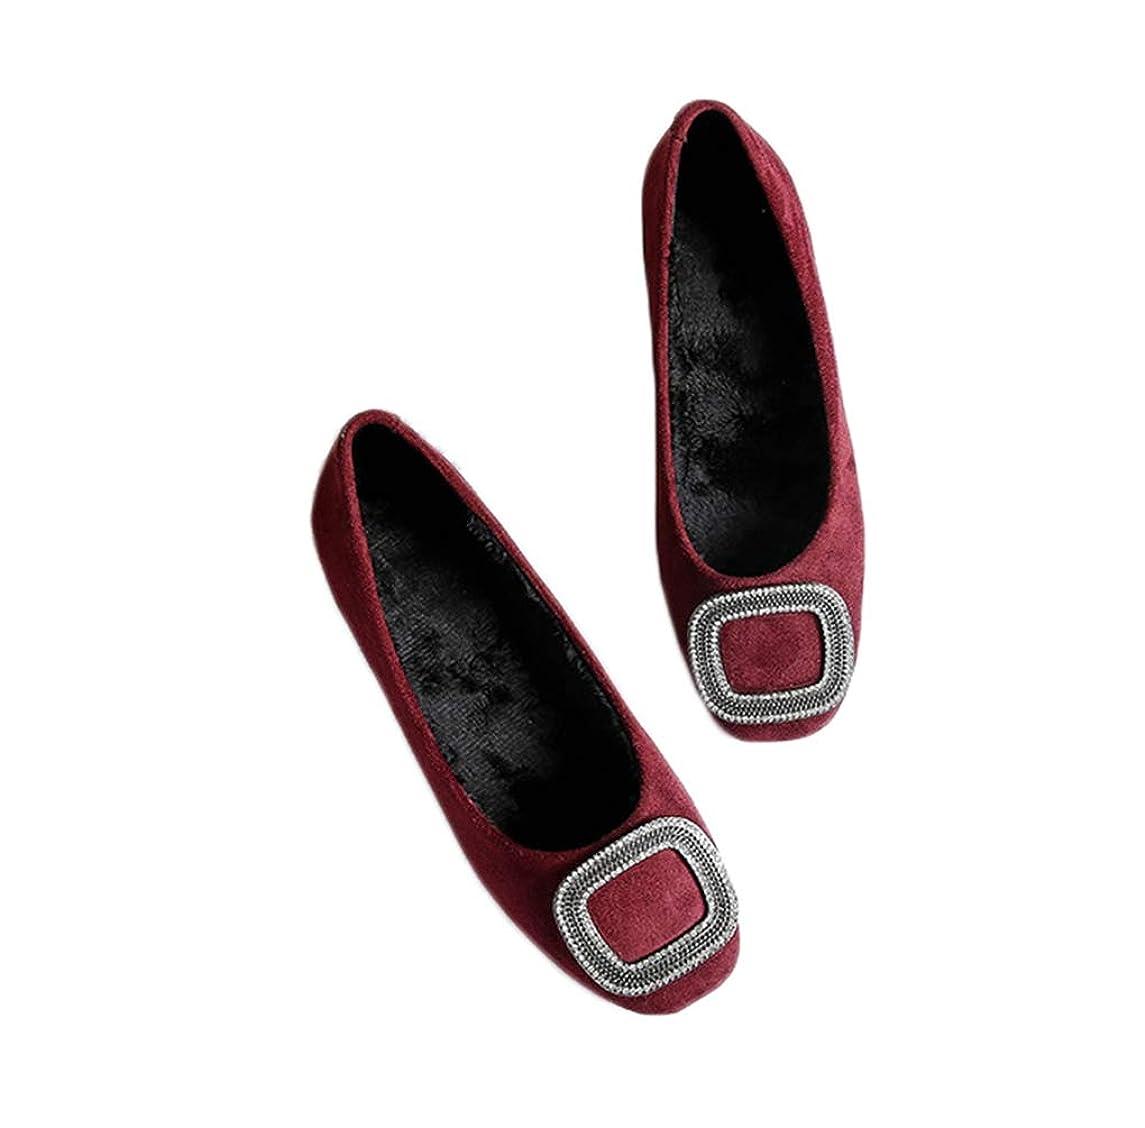 同時独占ソロパンプス 痛くない ローヒール ぺたんこ 大きいサイズ 22.5cm 歩きやすい 旅行 疲れない ヒール 小さいサイズ 黒 ワインレッド裏起毛 ブラック 走れる 立ち仕事 おしゃれ フラットシューズ レディース靴 スエード バックル スクエアトゥ 痛くない